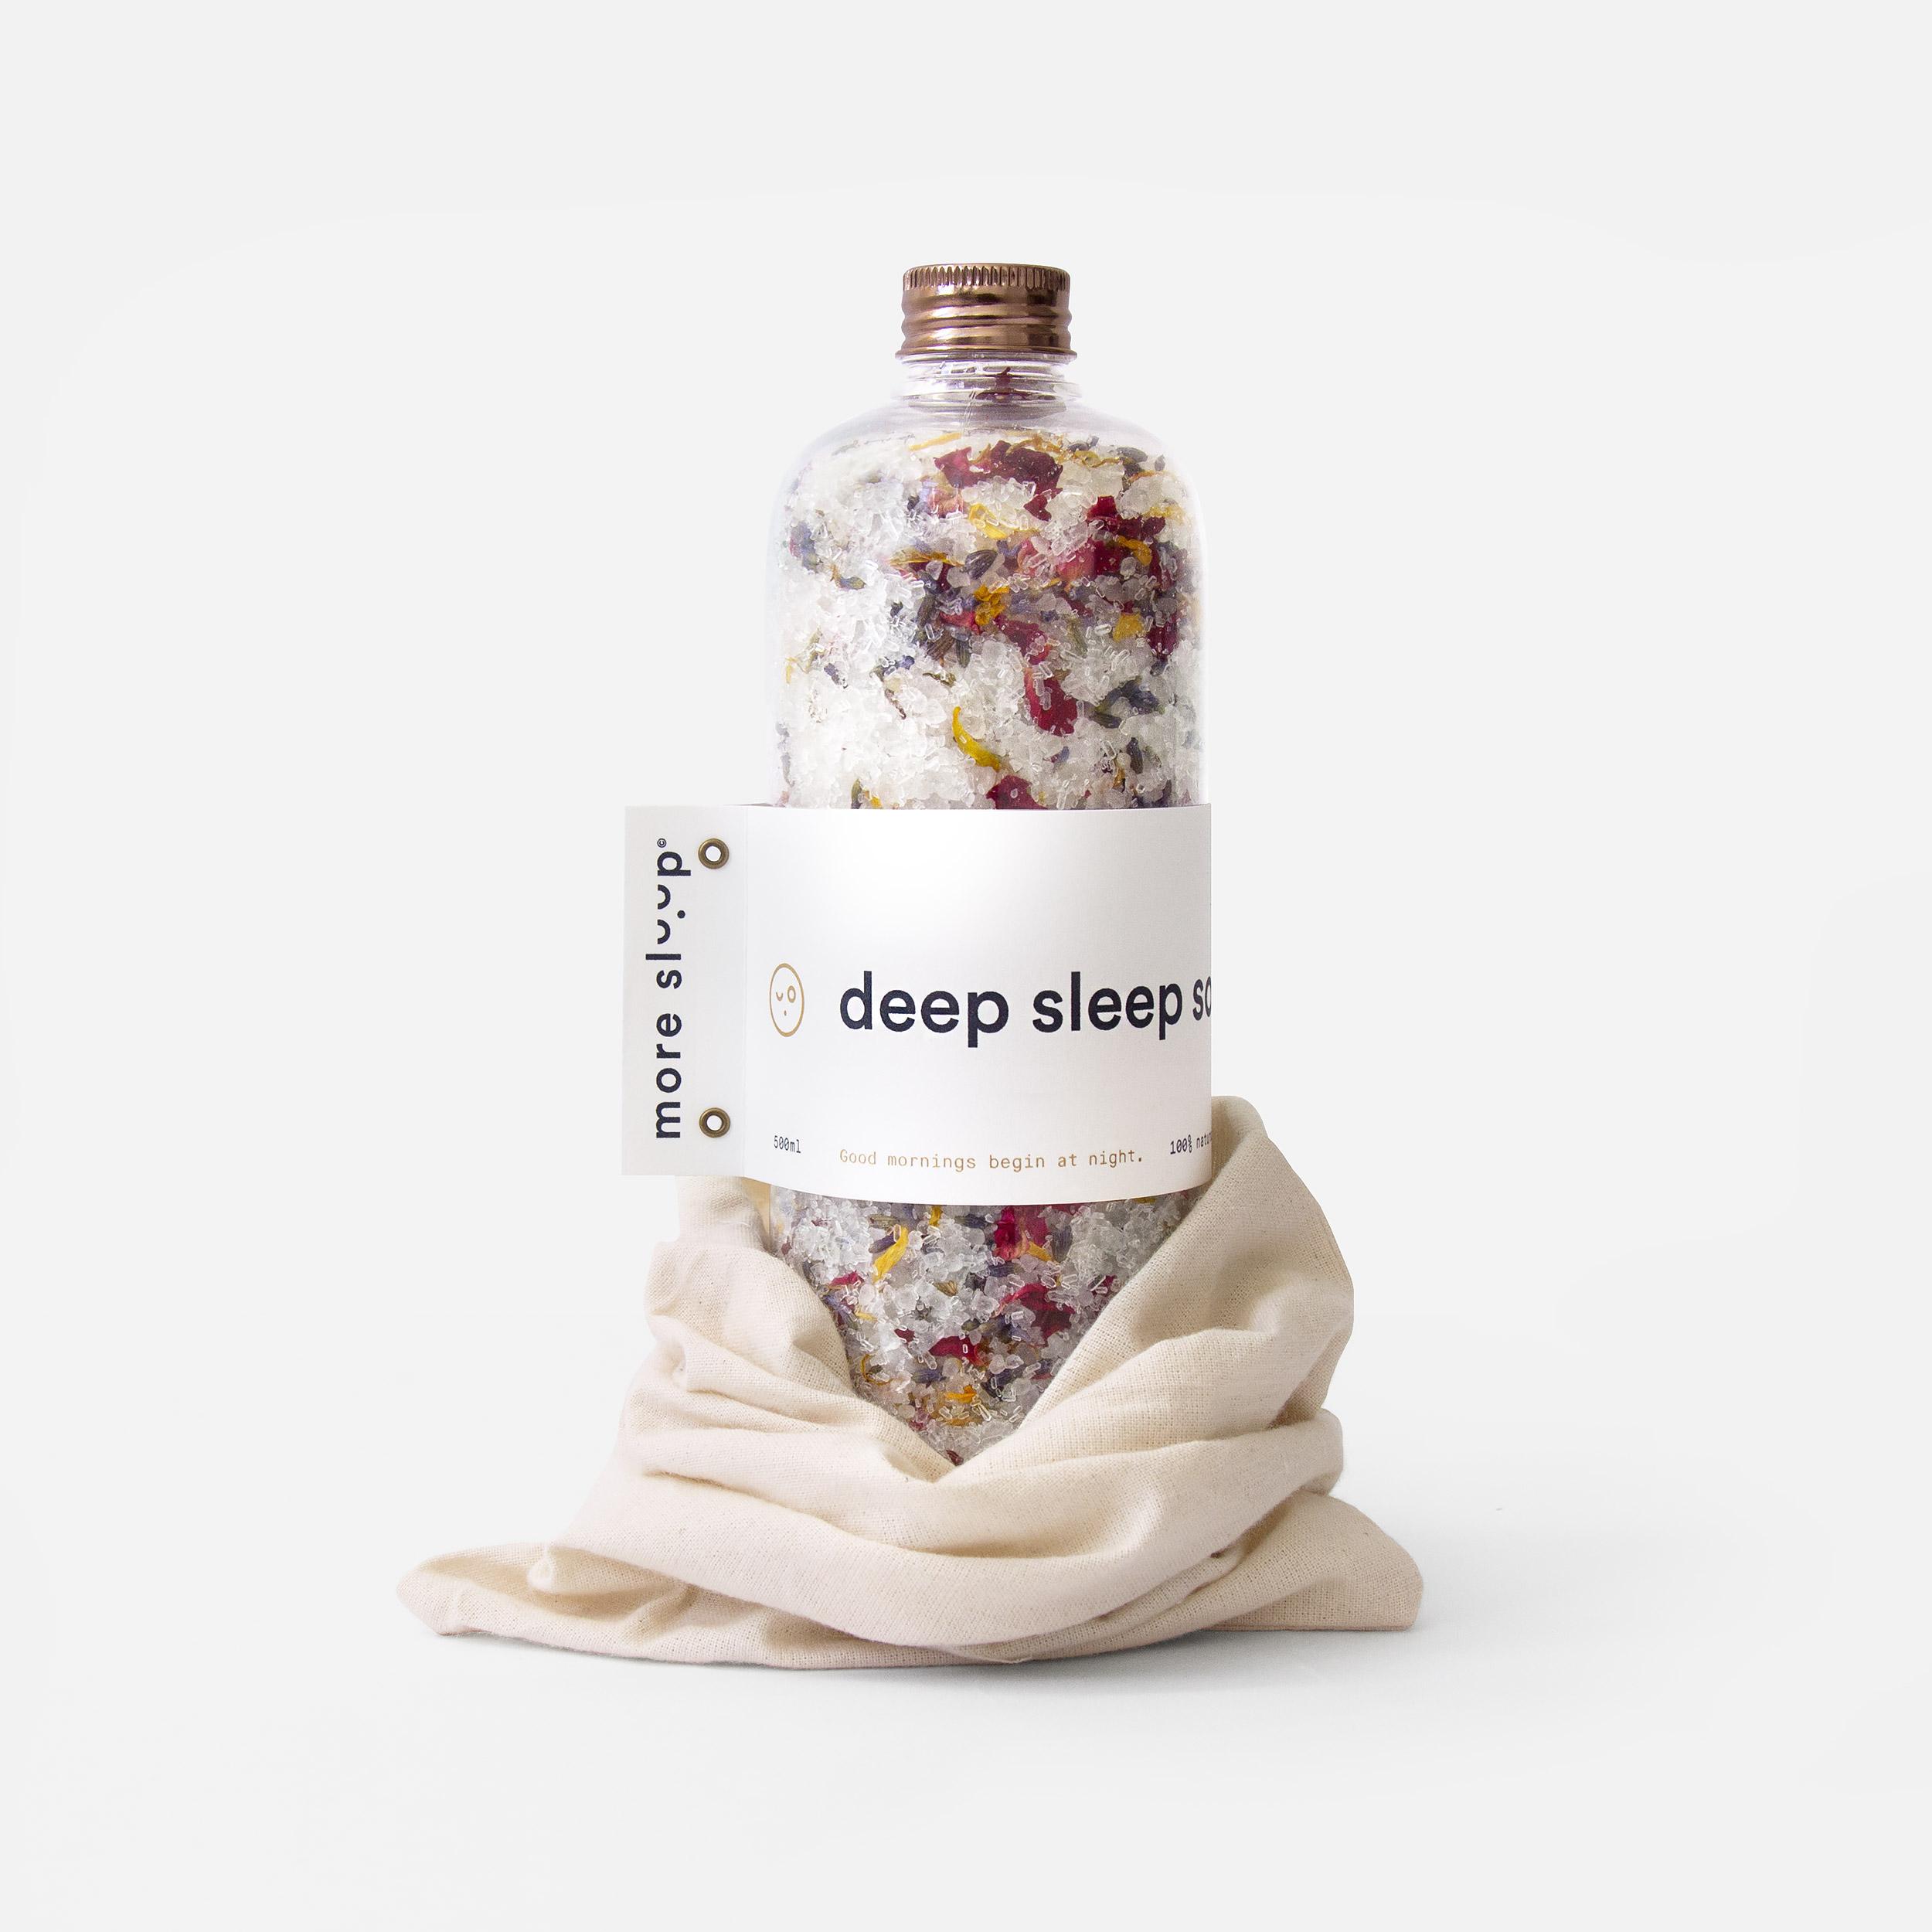 Moresleep.co Deep Sleep Bath Soak